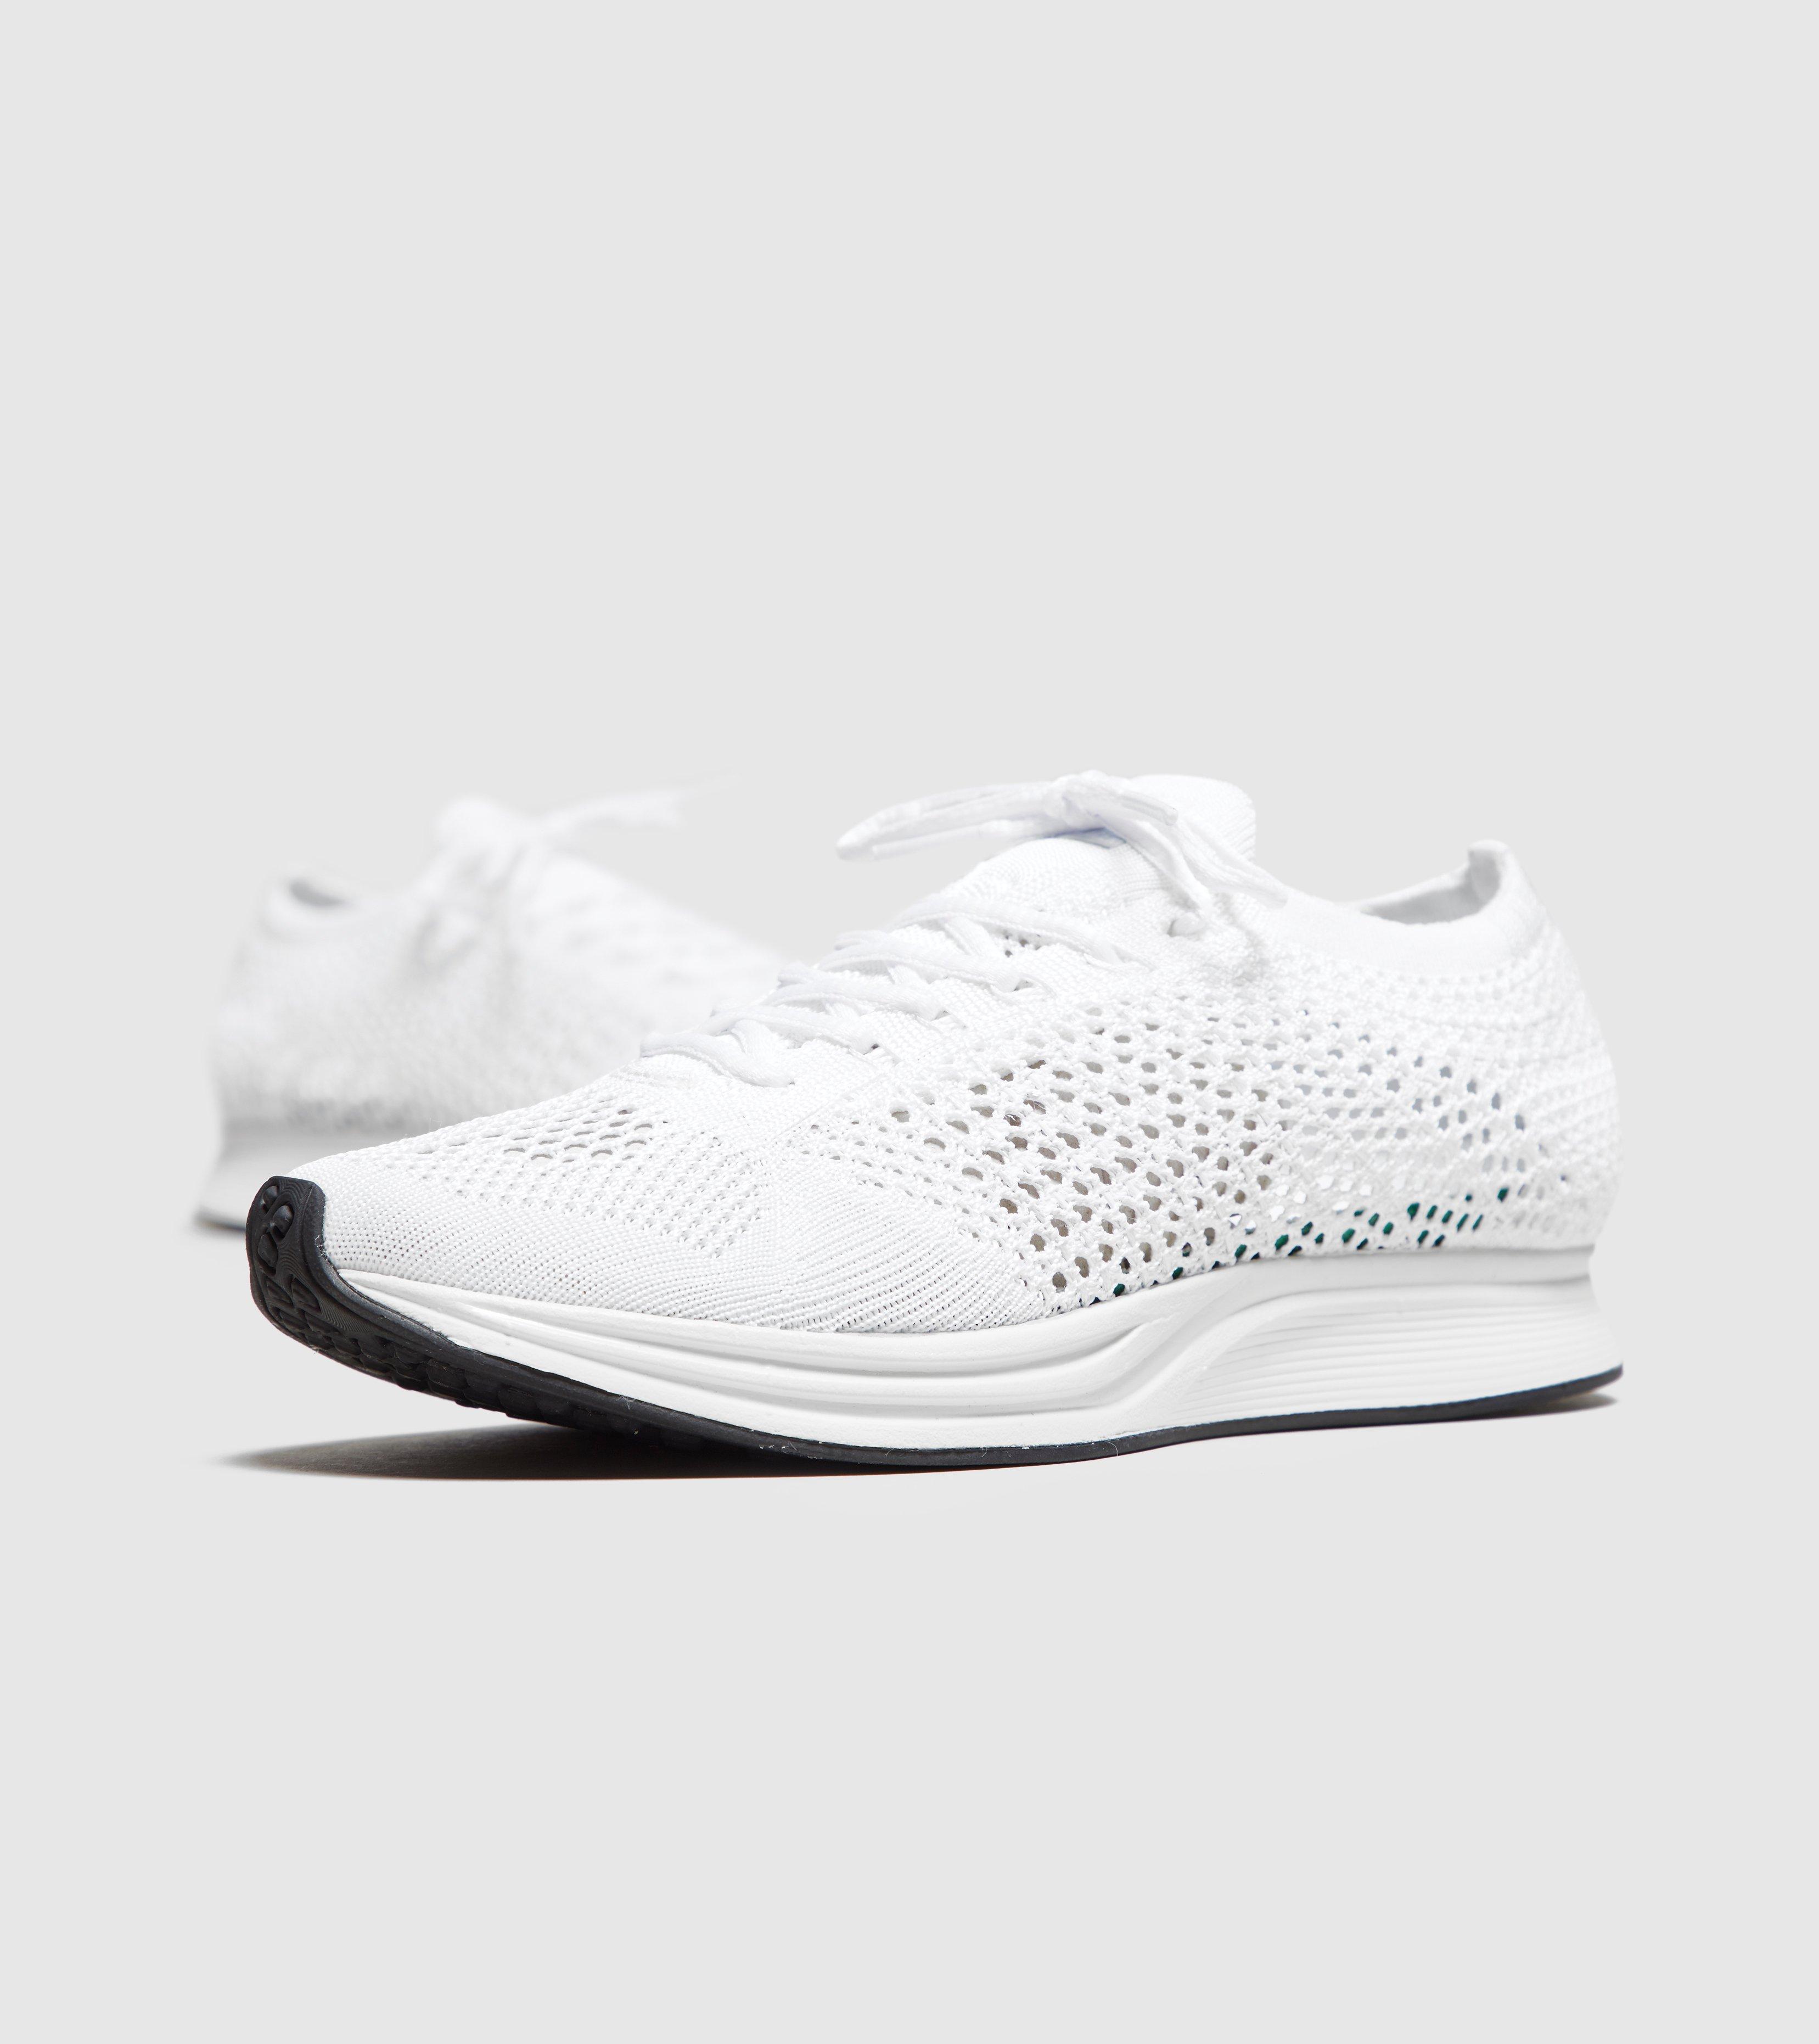 newest 448c1 9f6ef Lyst - Nike Flyknit Racer Women s in White